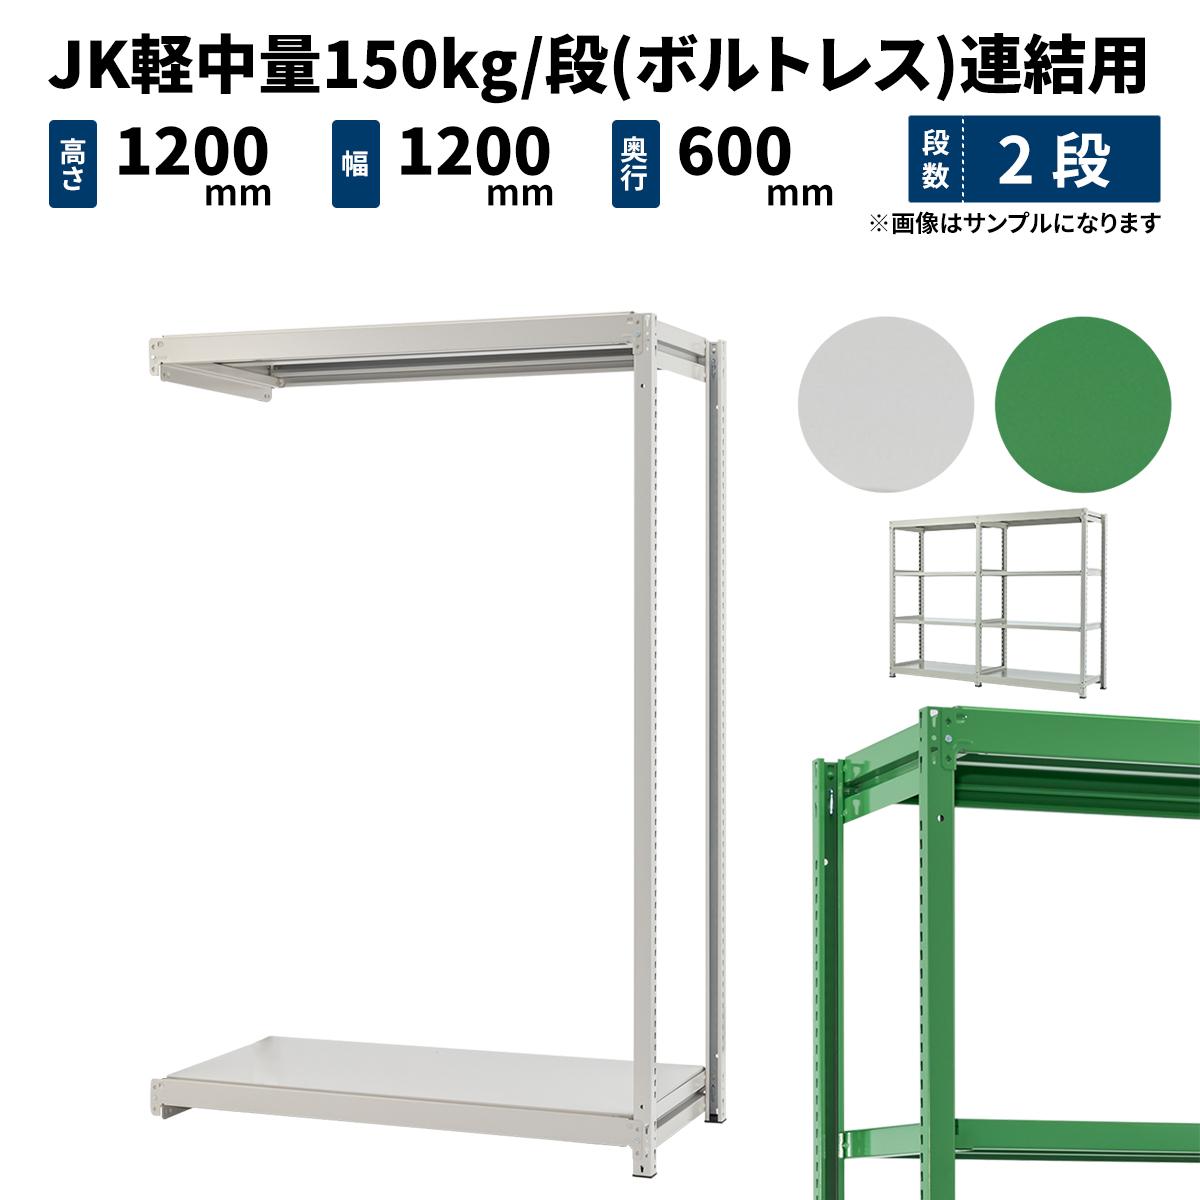 スチールラック 業務用 JK軽中量150kg/段(ボルトレス) 連結形式 高さ1200×幅1200×奥行600mm 2段 ホワイトグレー/グリーン (23kg) JK150_R-121206-2